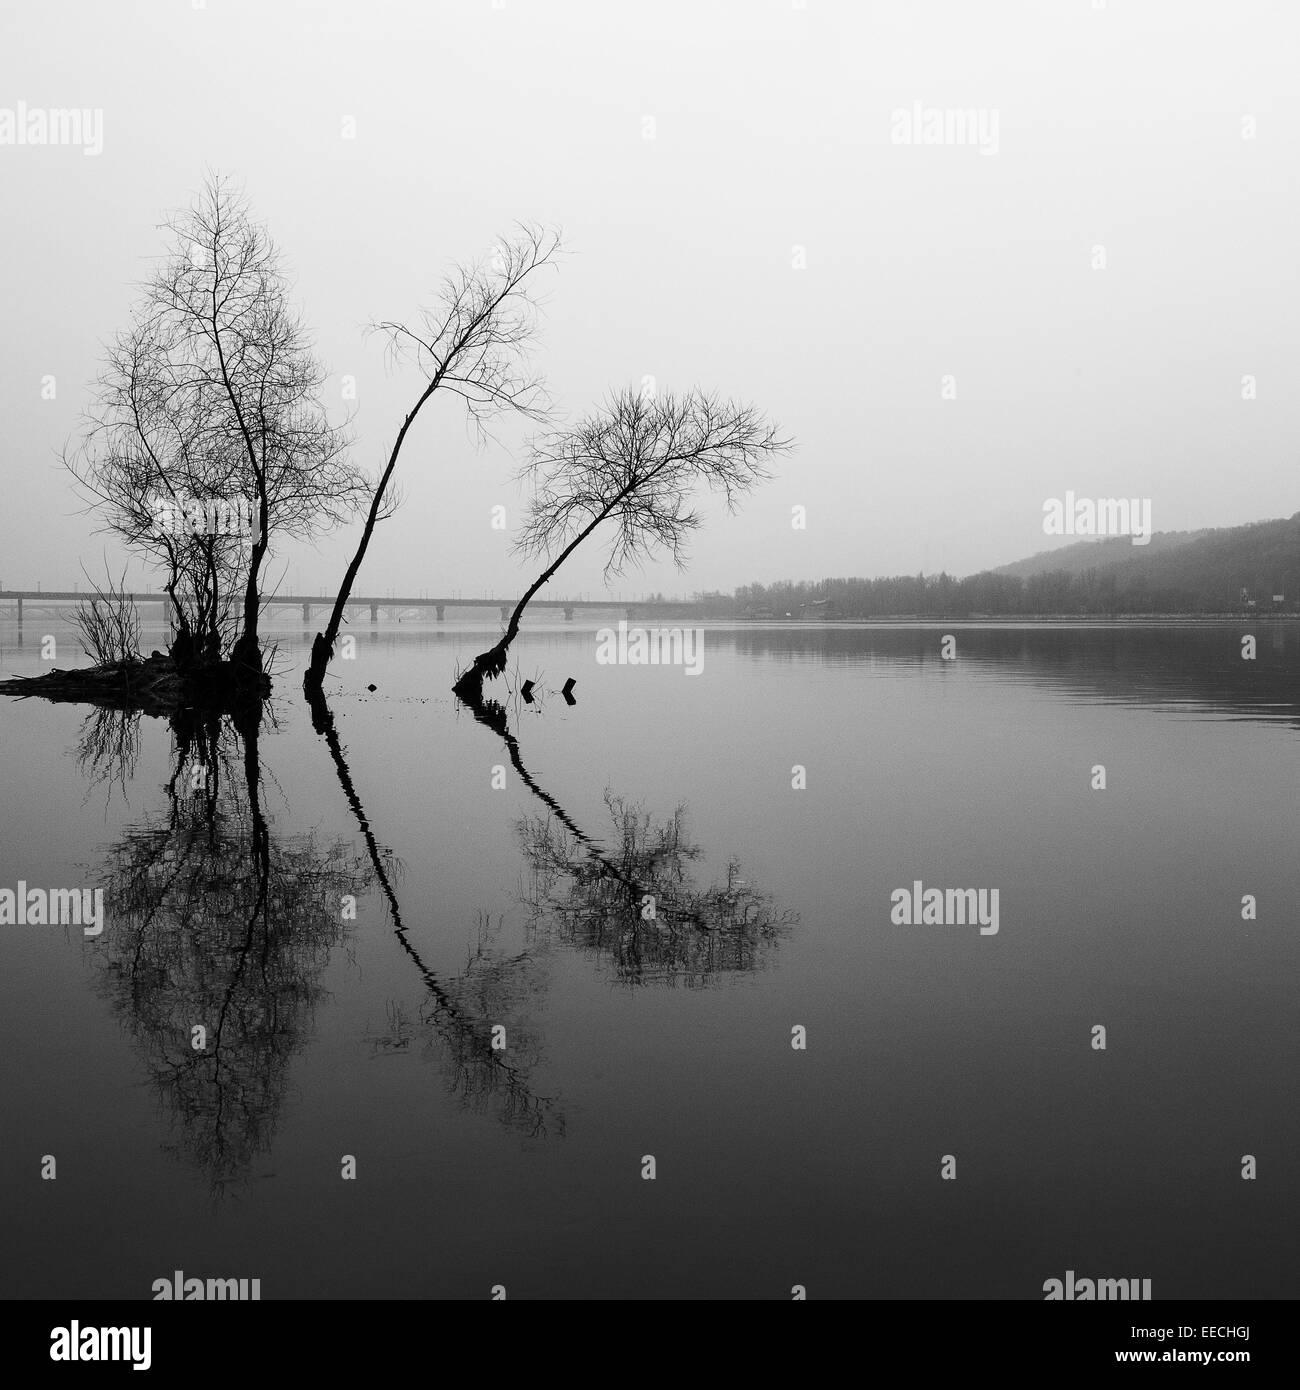 Paisajes, negro, reflexión, blanco, reflejado, el agua, la naturaleza, el patrón, árboles, plantas, Imagen De Stock